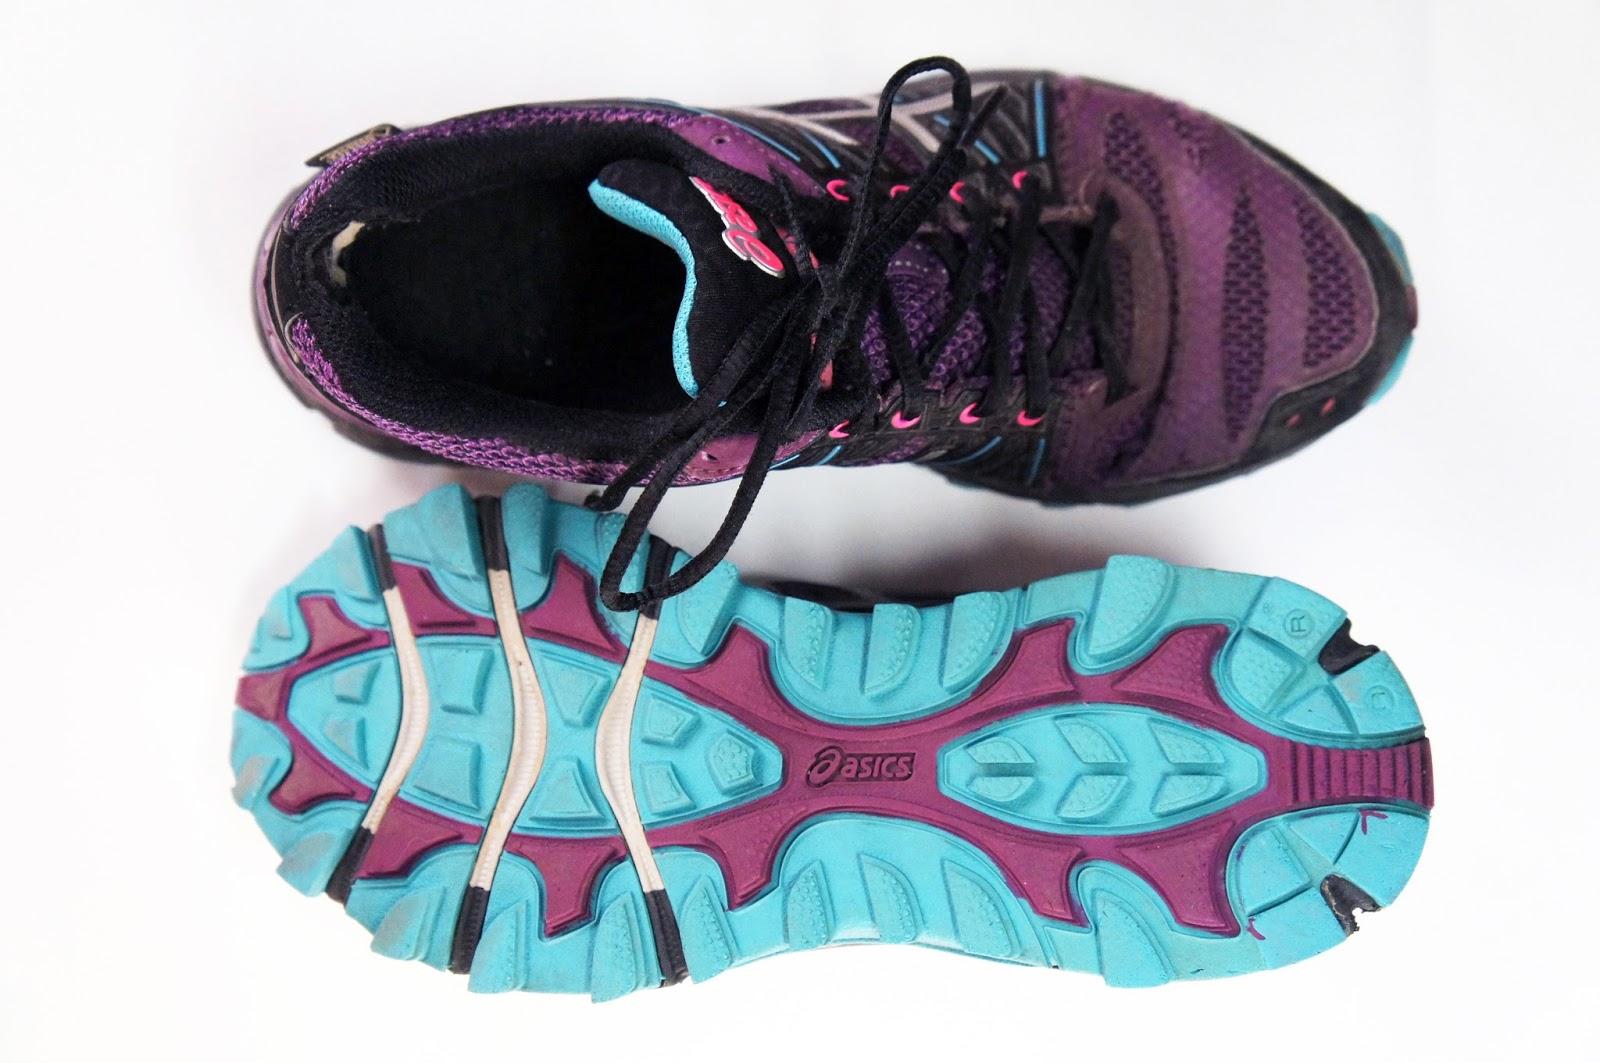 bc35c199 Любимые мои кроссовки для бега по бездорожью. Верх кроссовок состоит из  дышащей сетки, поэтому для бега зимой не очень подходят, но до -5-7 С бегать  вполне ...